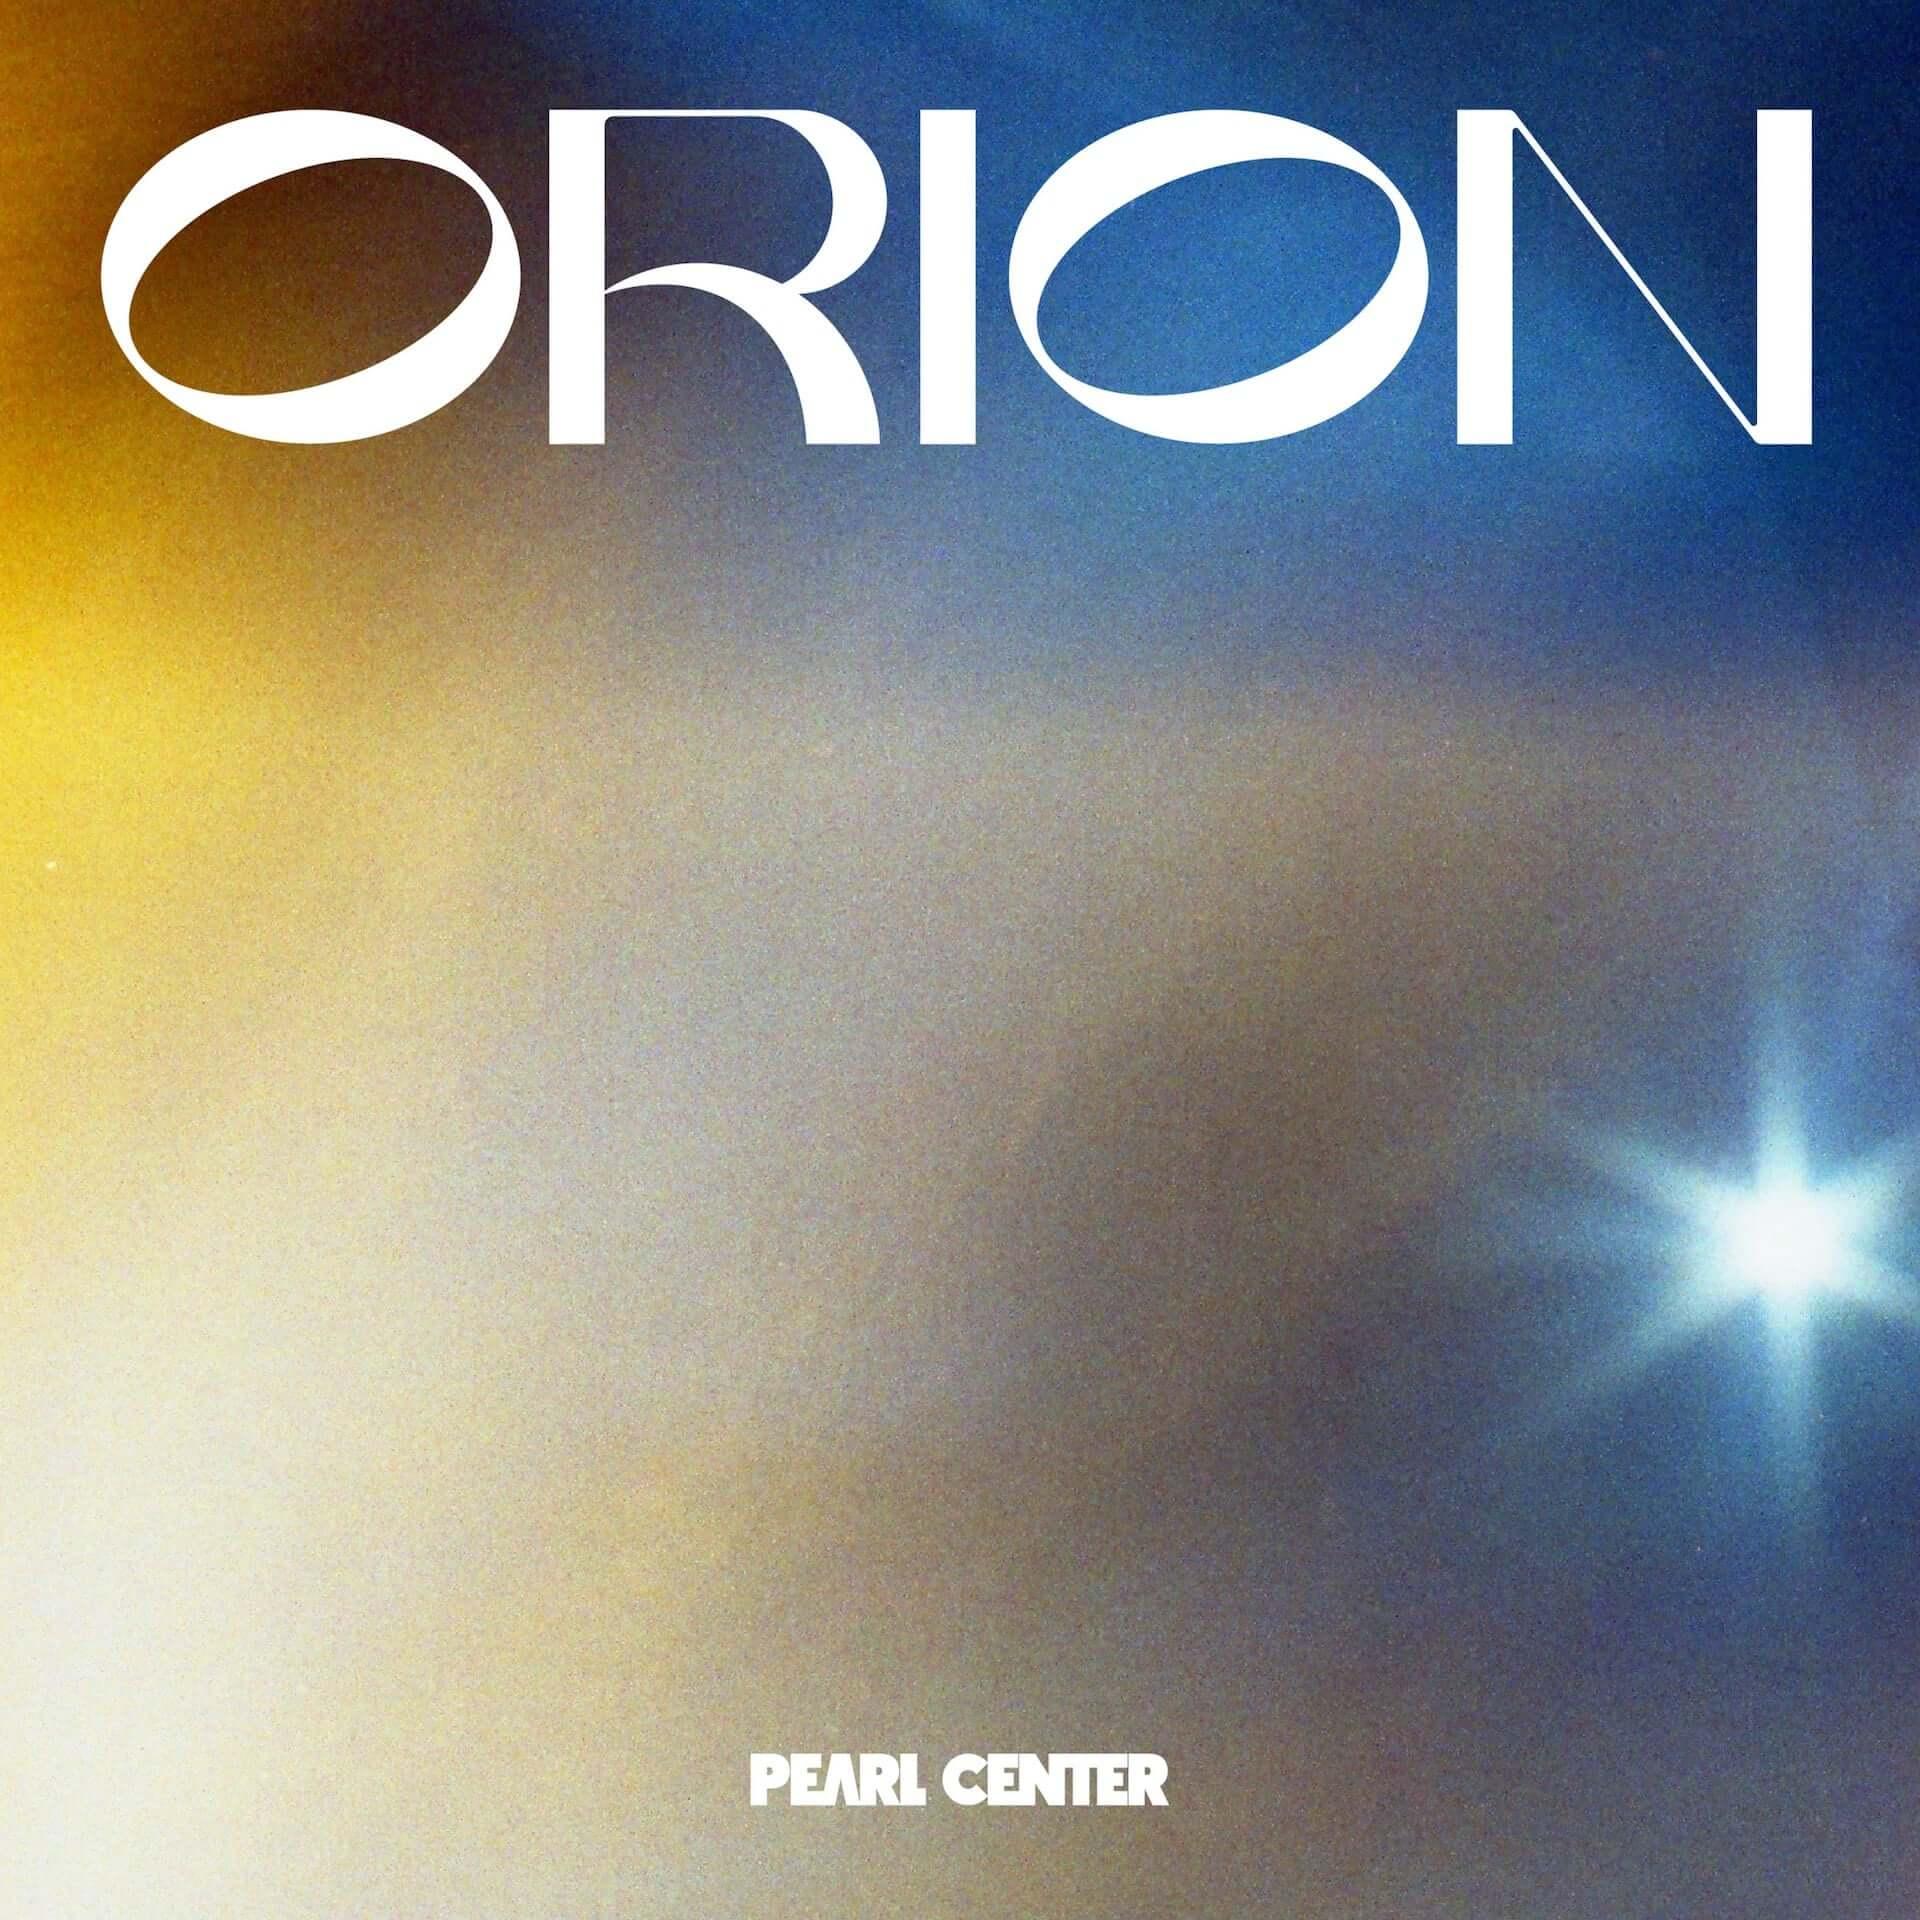 """PEARL CENTERの新曲""""Orion""""が本日リリース&MV公開!NHK-FM『ミュージックライン』の12&1月エンディングテーマにも起用 music201202_pearlcenter_2-1920x1920"""